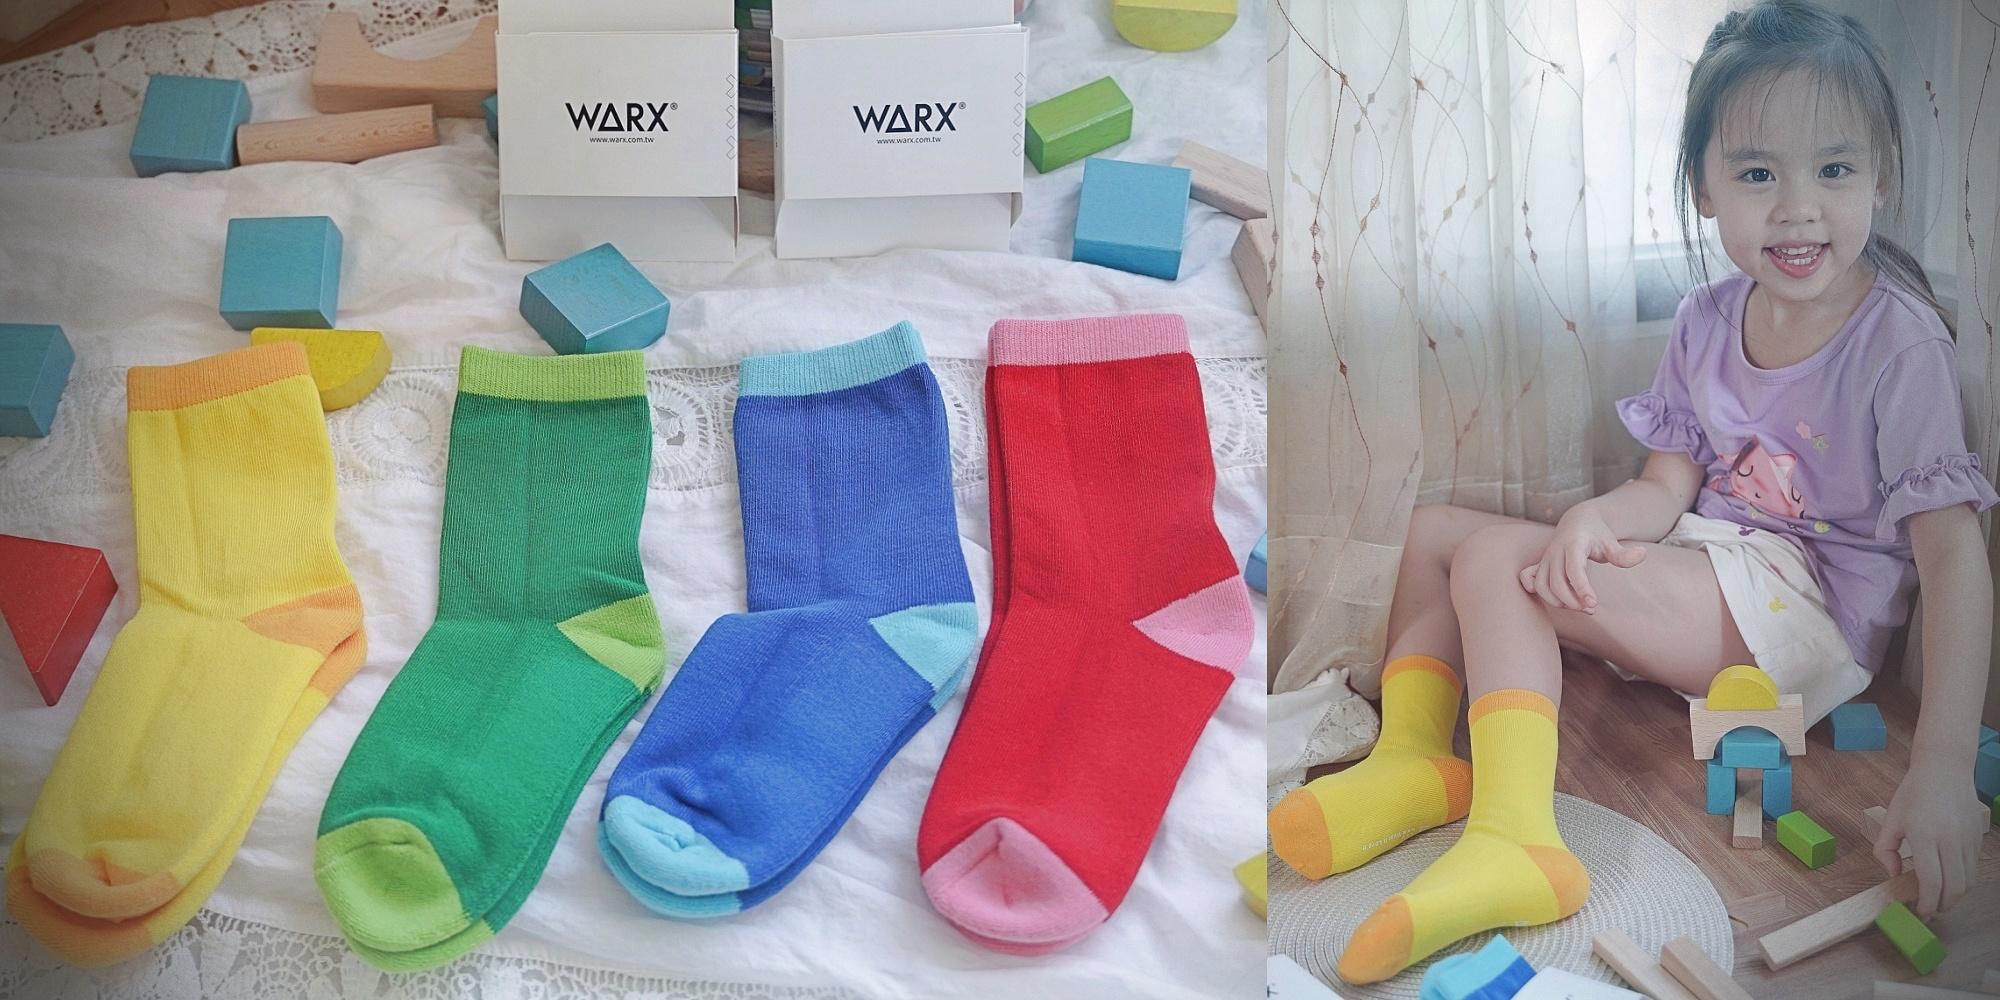 WARX抗菌除臭襪|WARX童襪、隱形襪、運動襪推薦|銀離子添加腳臭OUT